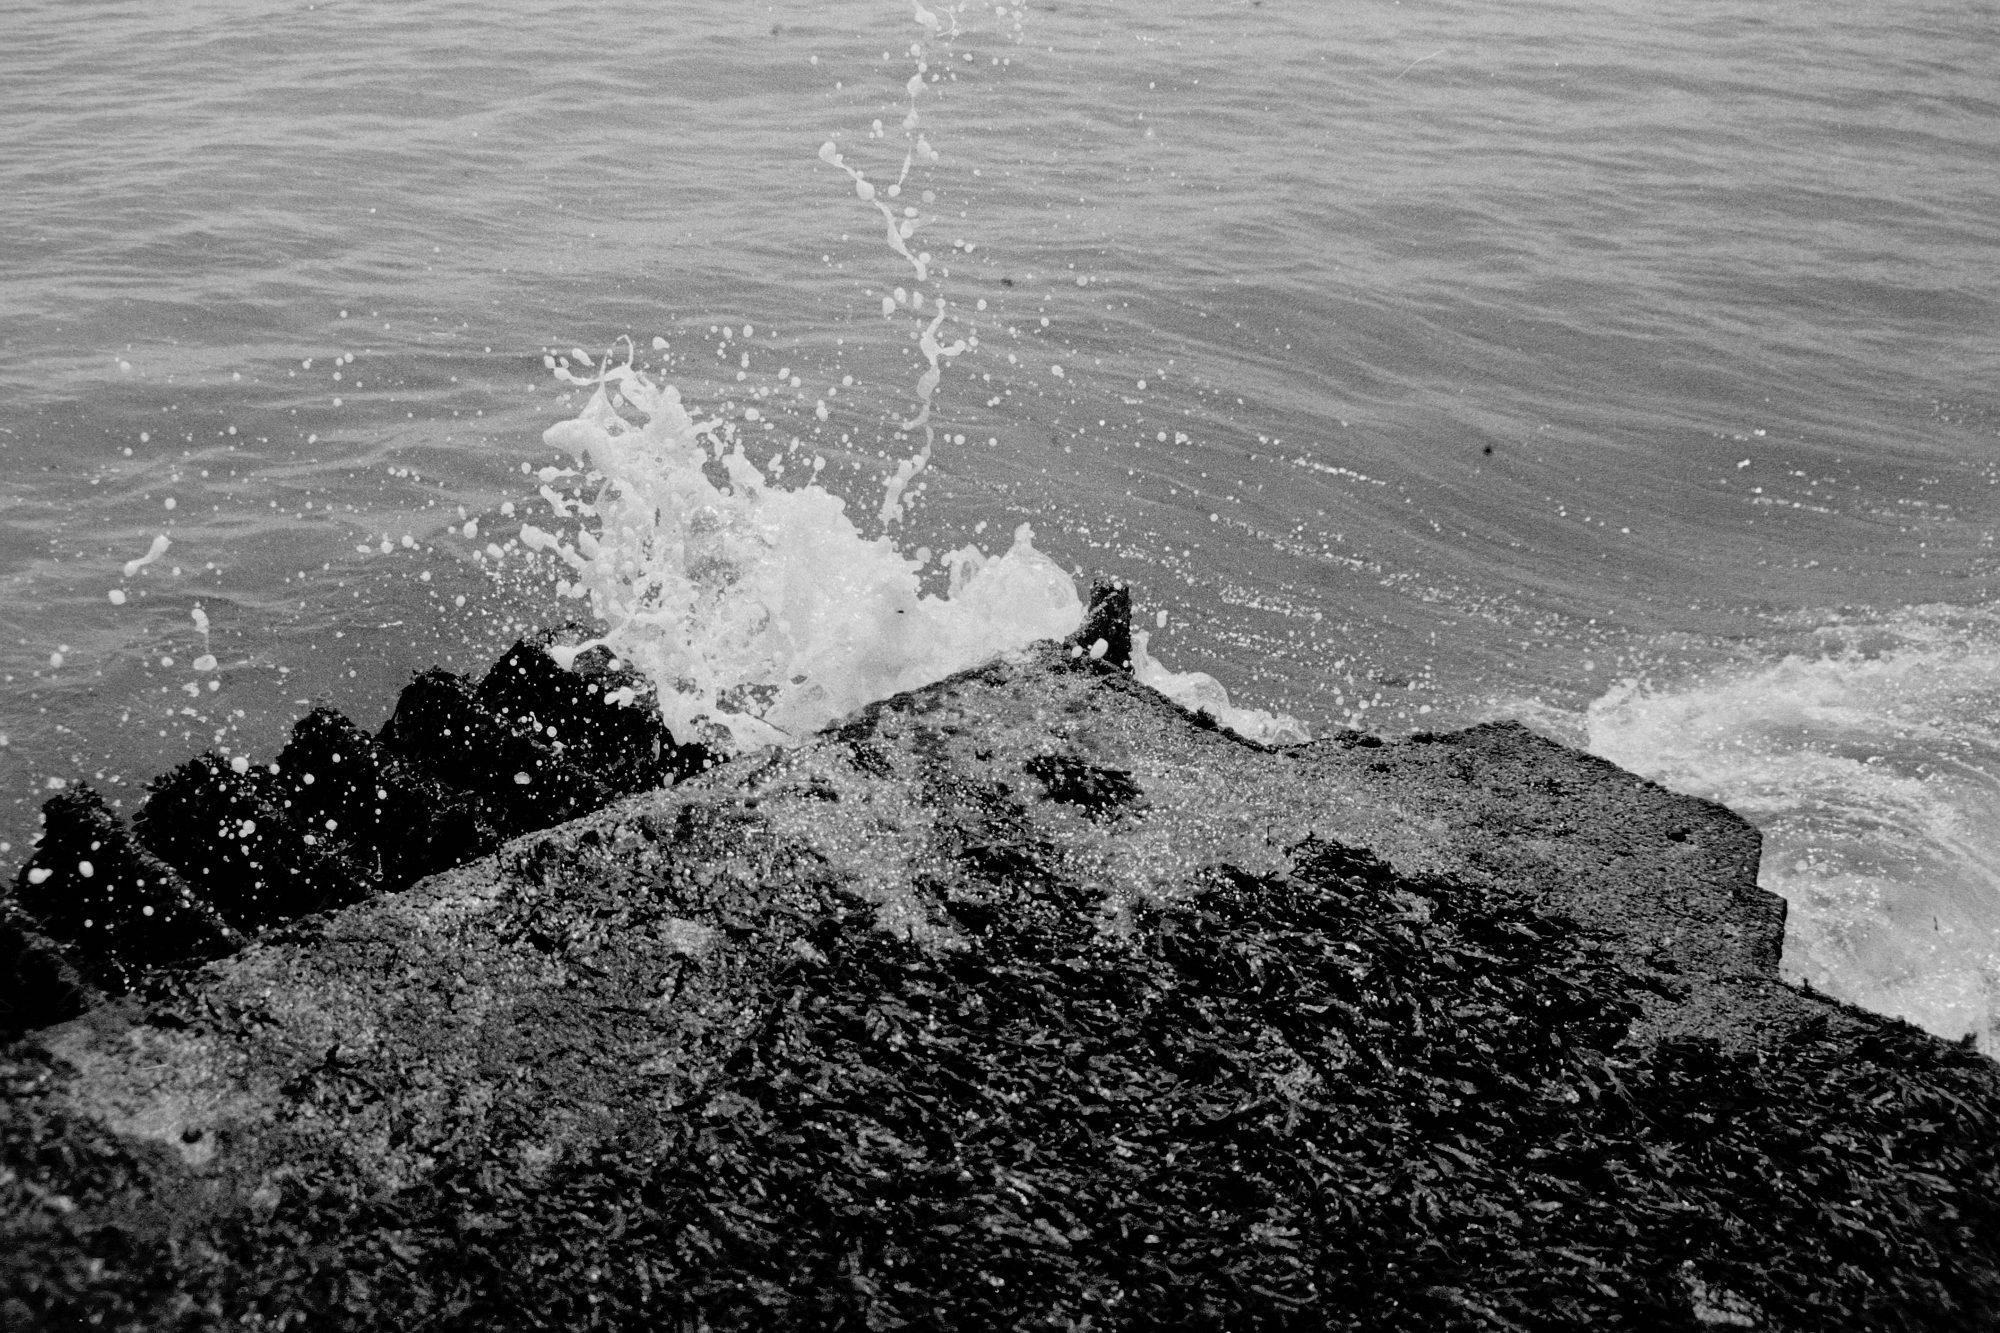 Crashing surf on pier (Pic: Rachael Tabone)